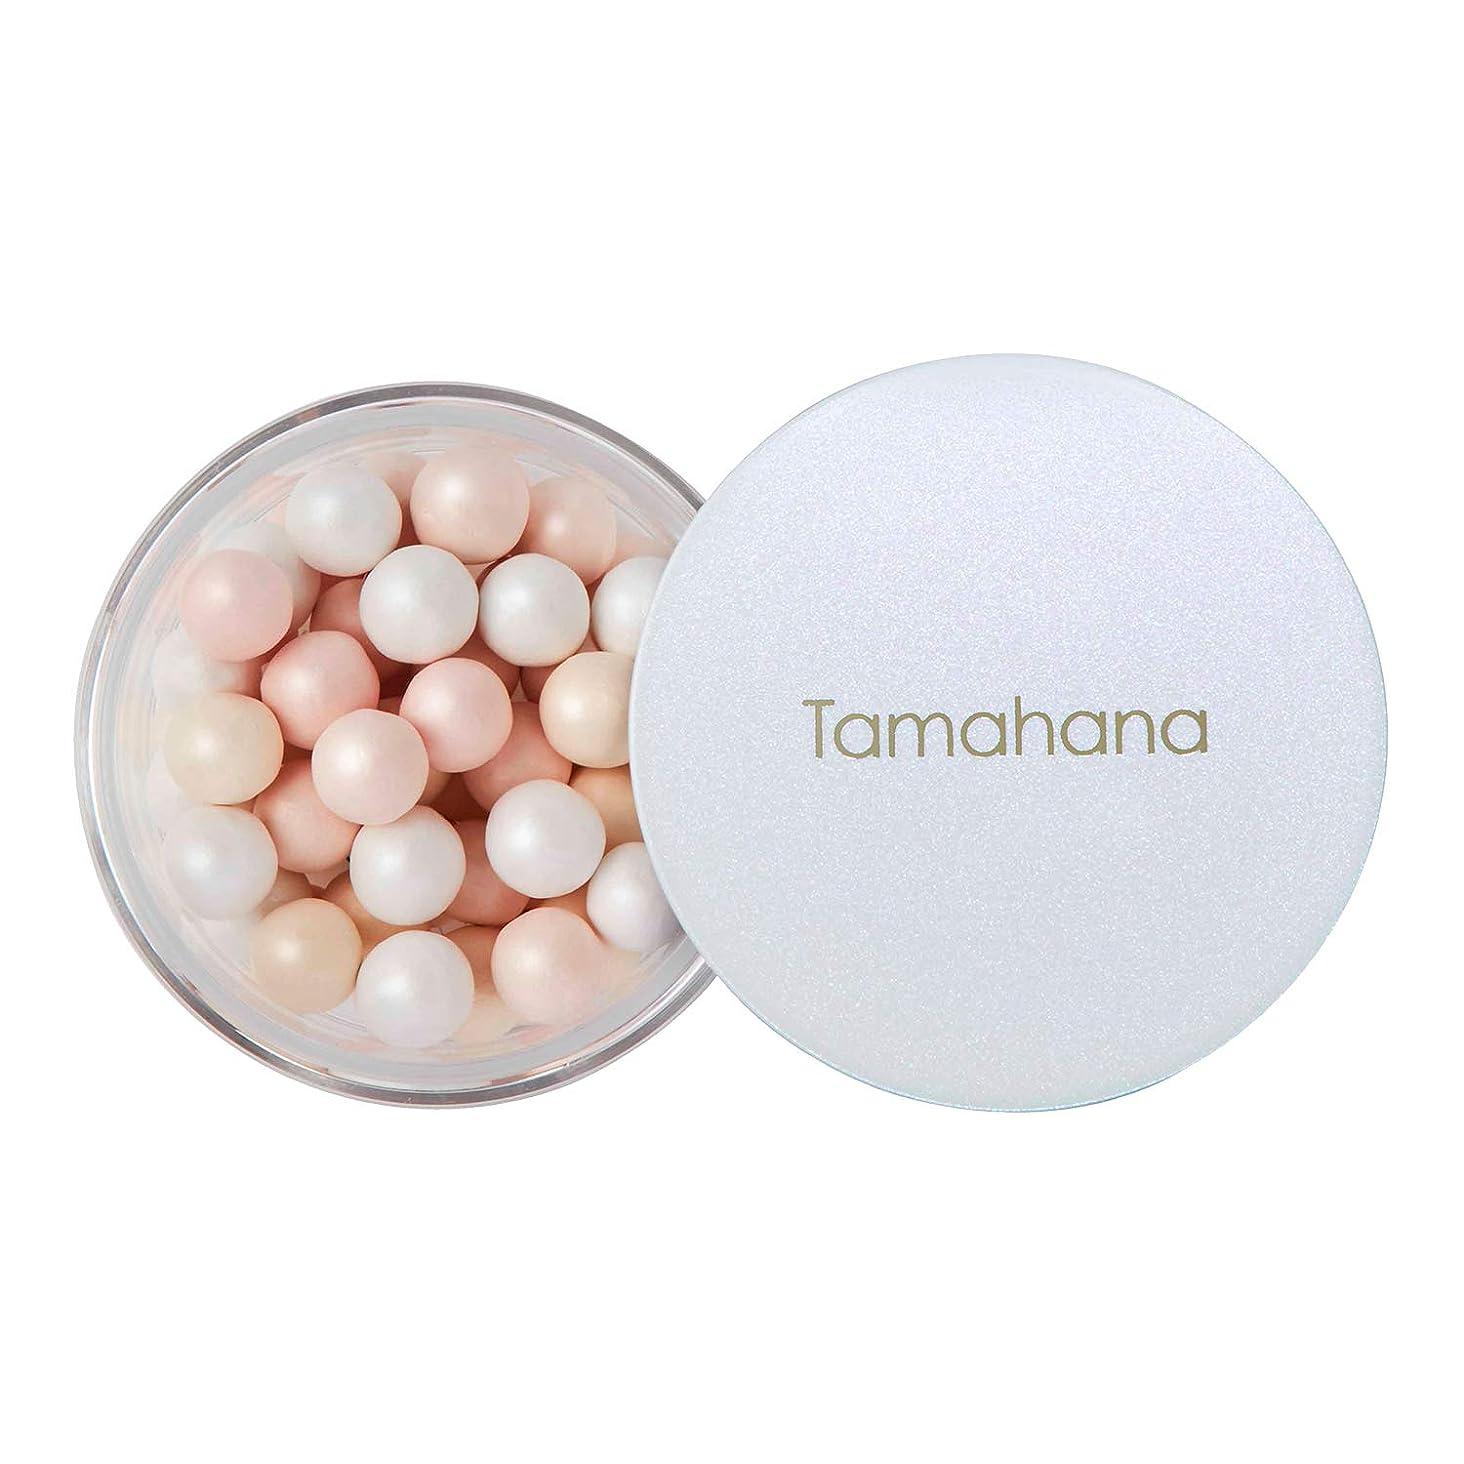 チャンバークリスマス不愉快にTamahana(タマハナ) シャイニー ブライトニングルースパウダー パフ付 <フェイス?ボディーパウダー>